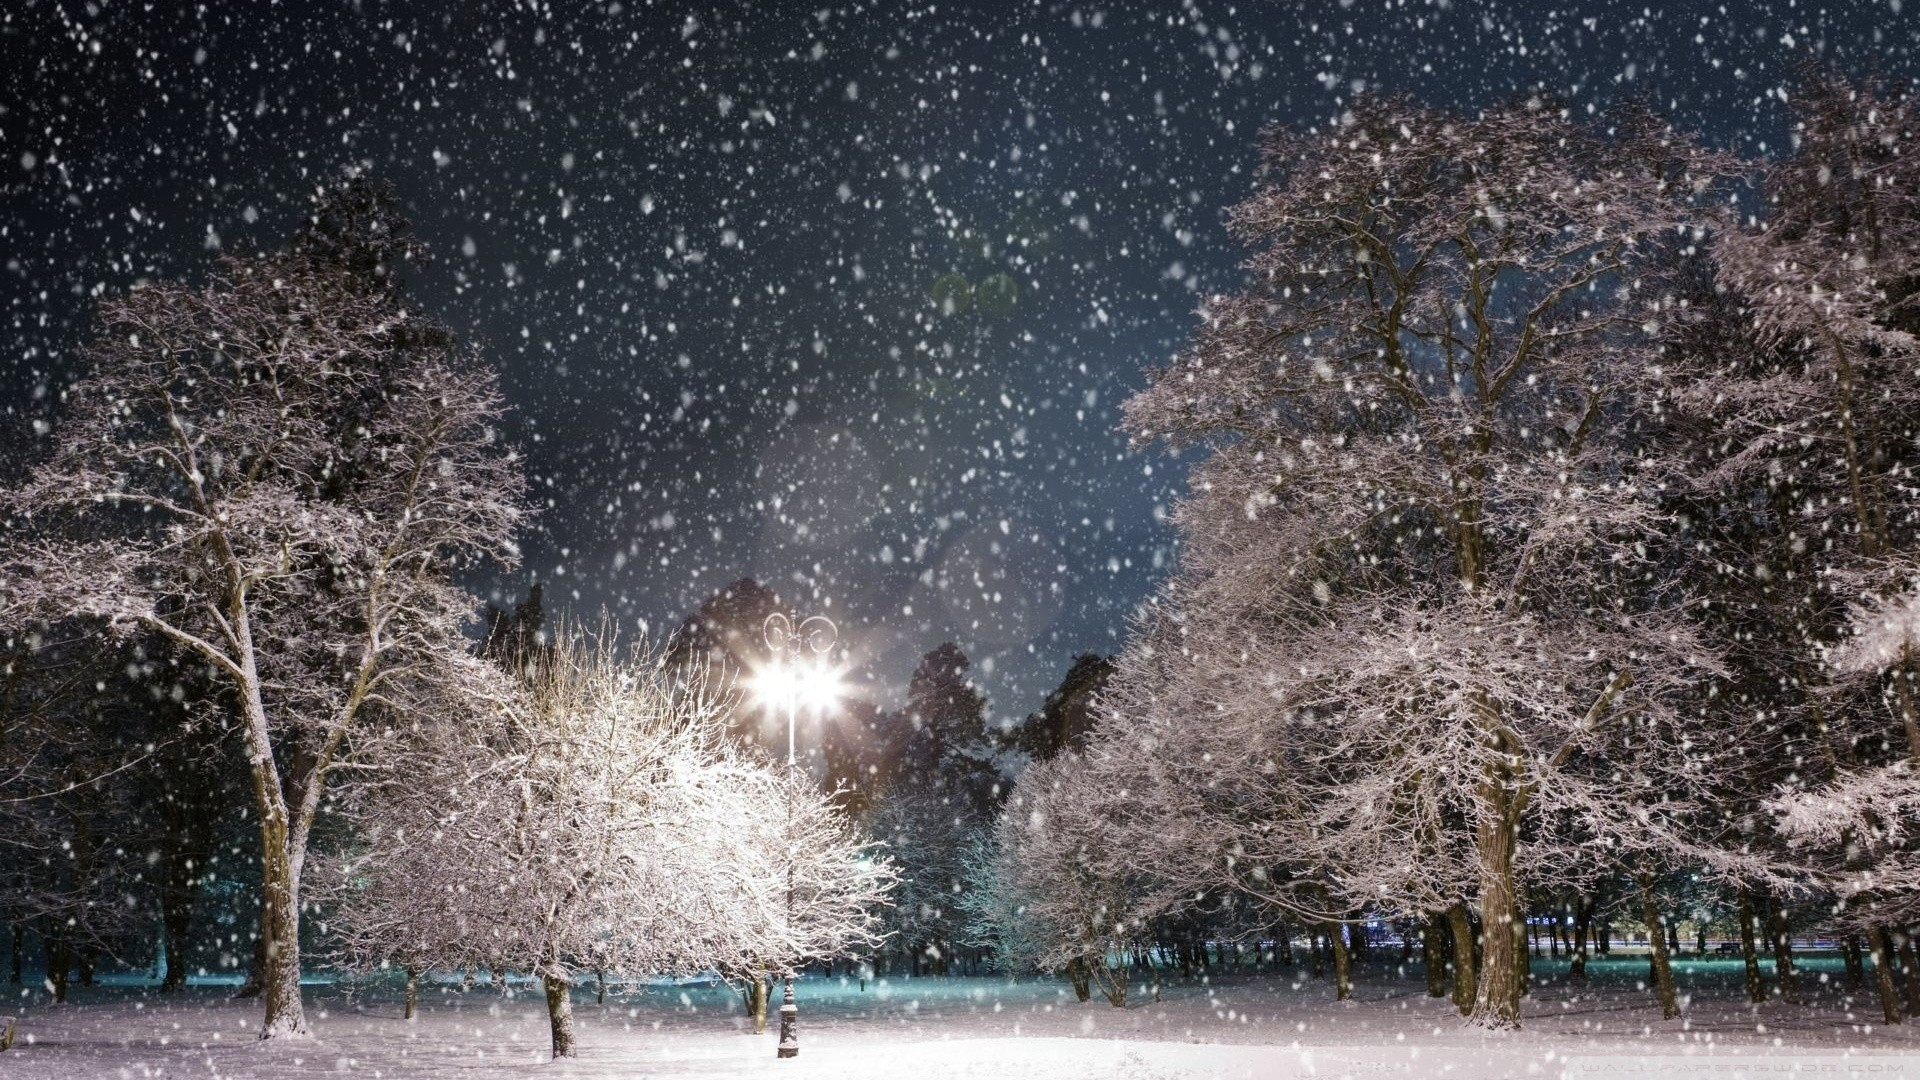 Snow At Night Wallpaper Snow, At, Night